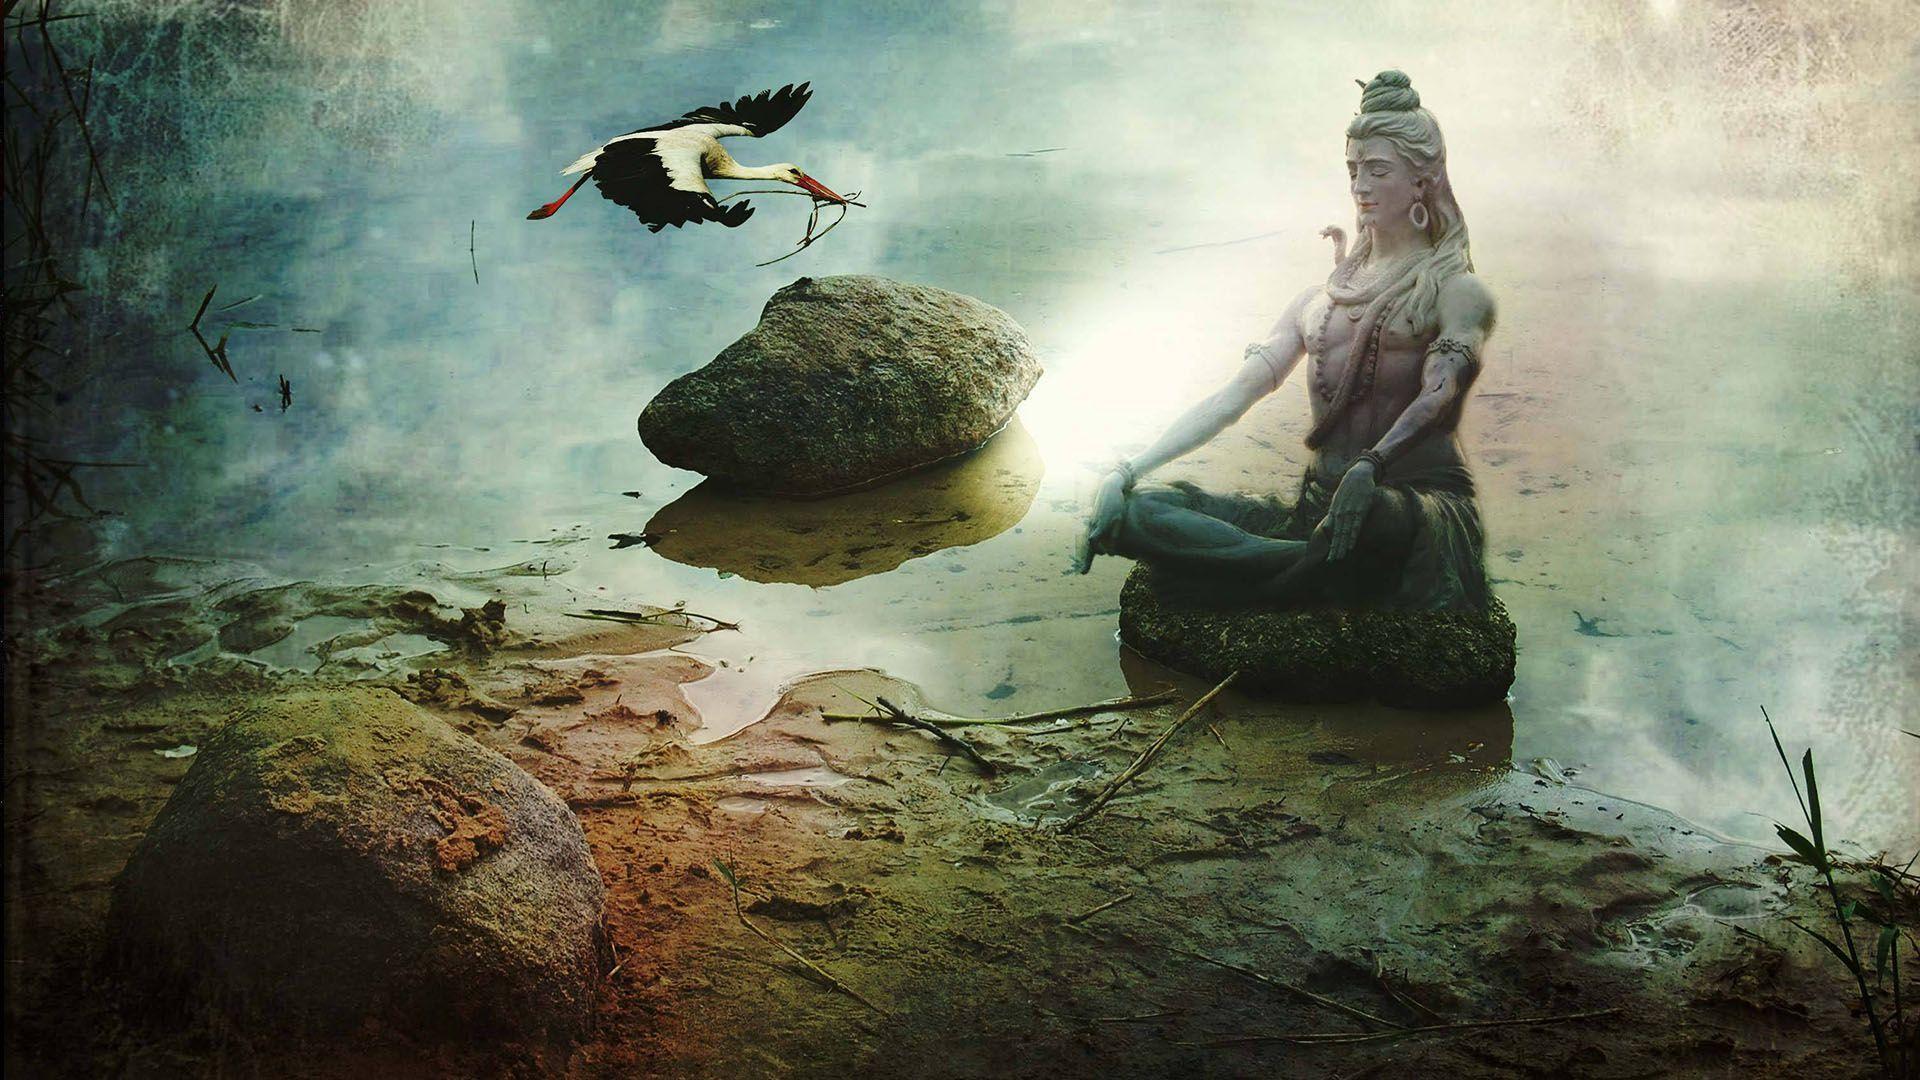 1920x1080 Chúa Shiva Hình nền HD 1920 × 1080 Tải xuống - Shiva